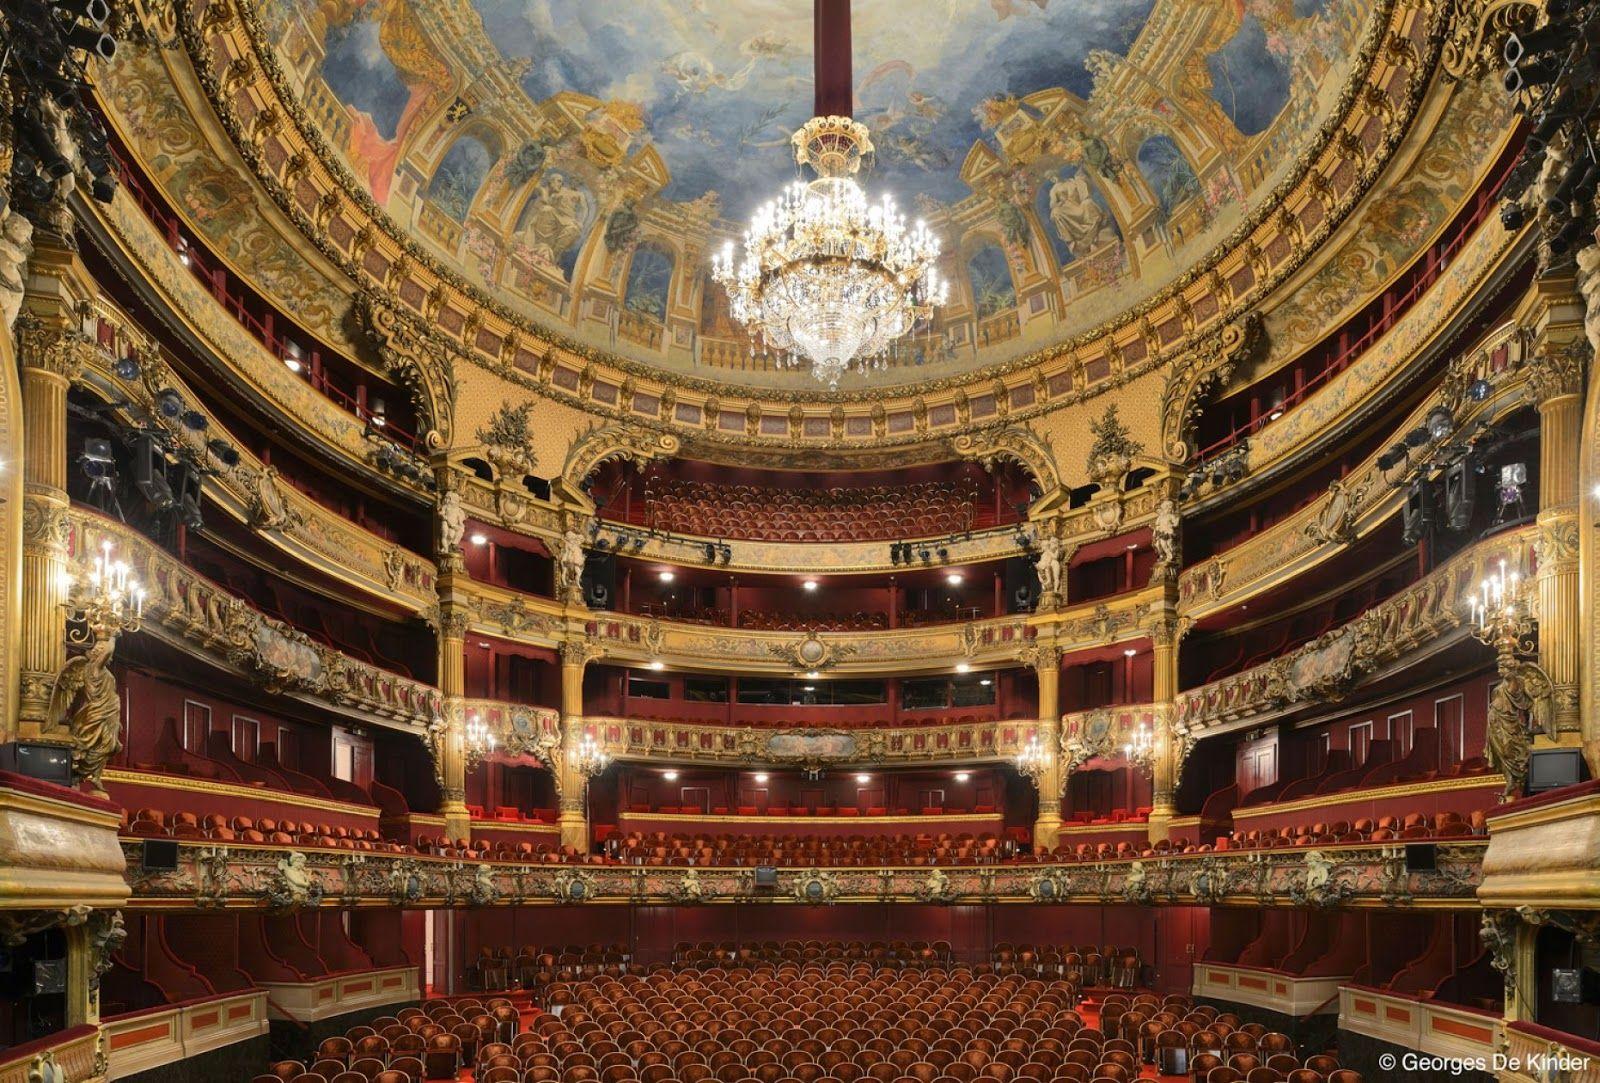 Violetas El Arte Y El Teatro Teatro Colón Buenos Aires Argentina Royal Opera House London Opera House Opera